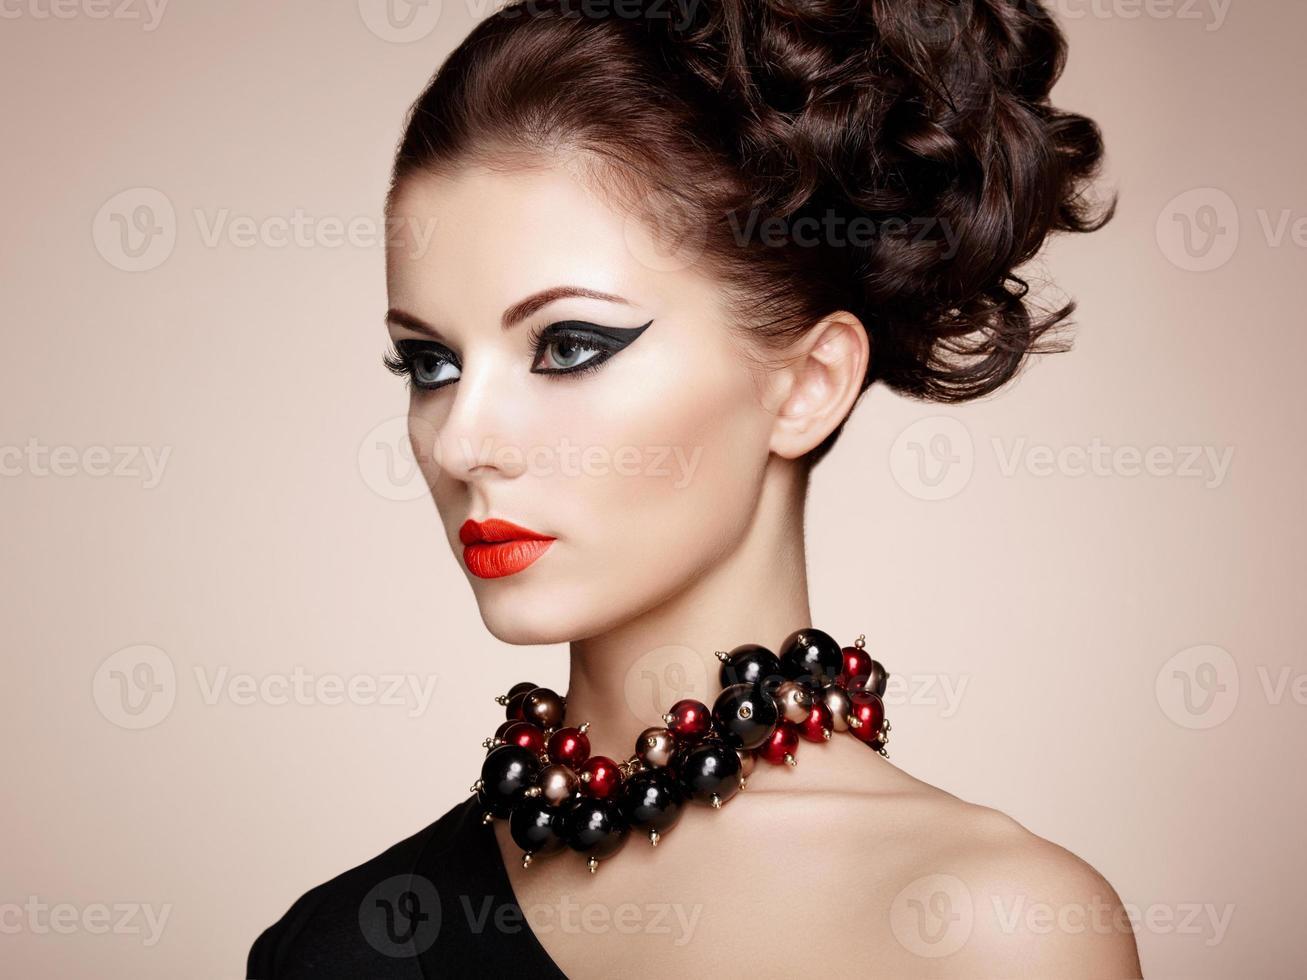 retrato de uma linda mulher sensual com penteado elegante foto